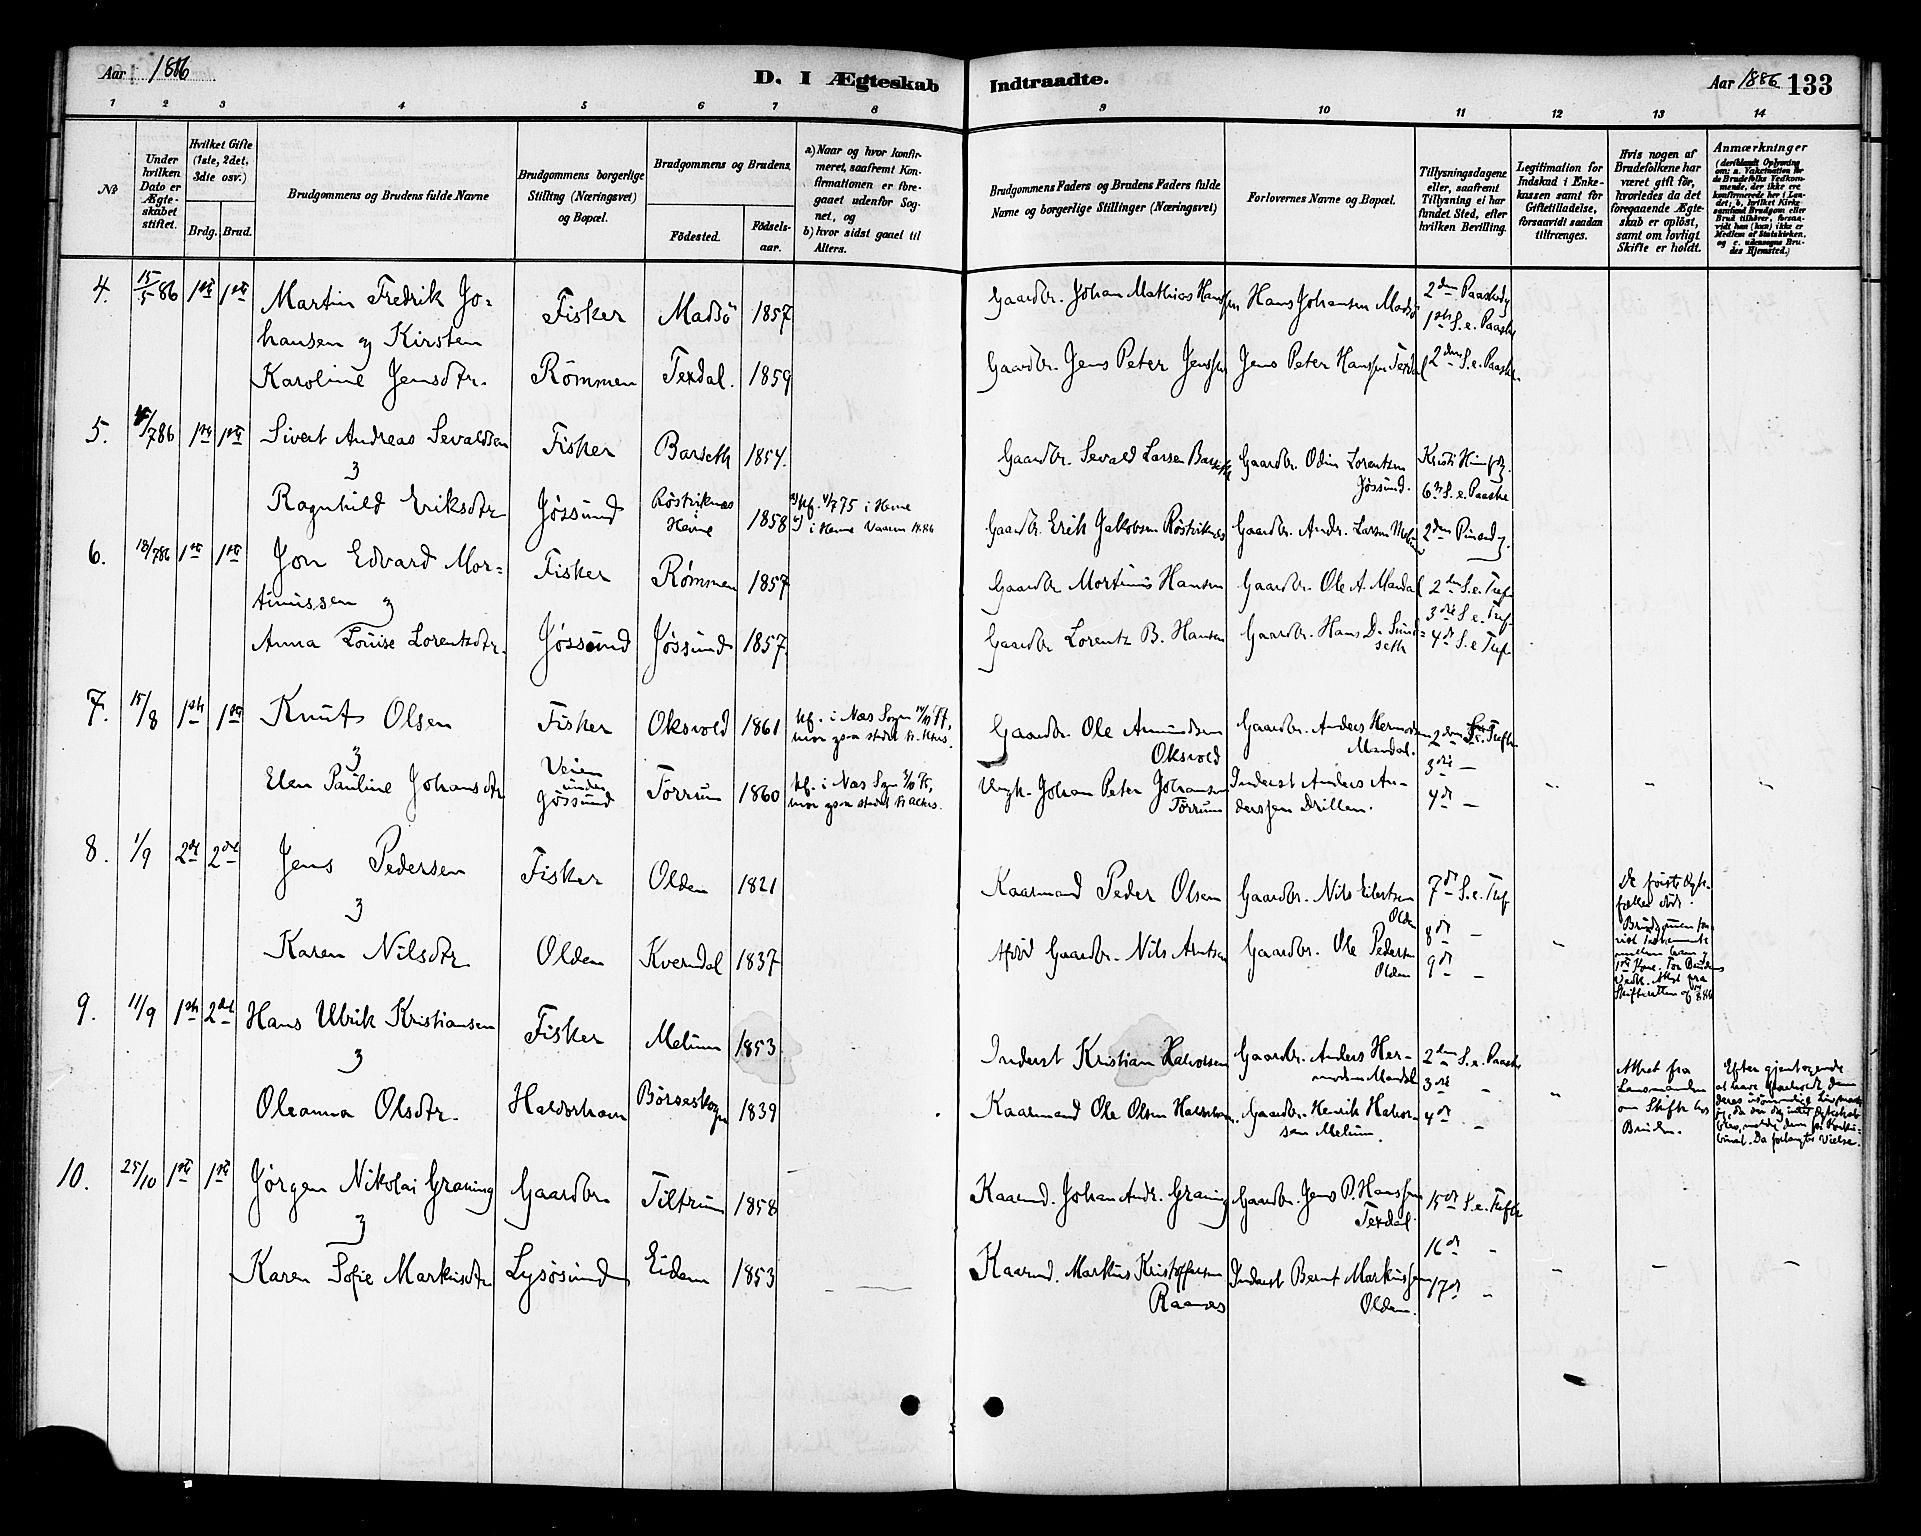 SAT, Ministerialprotokoller, klokkerbøker og fødselsregistre - Sør-Trøndelag, 654/L0663: Ministerialbok nr. 654A01, 1880-1894, s. 133